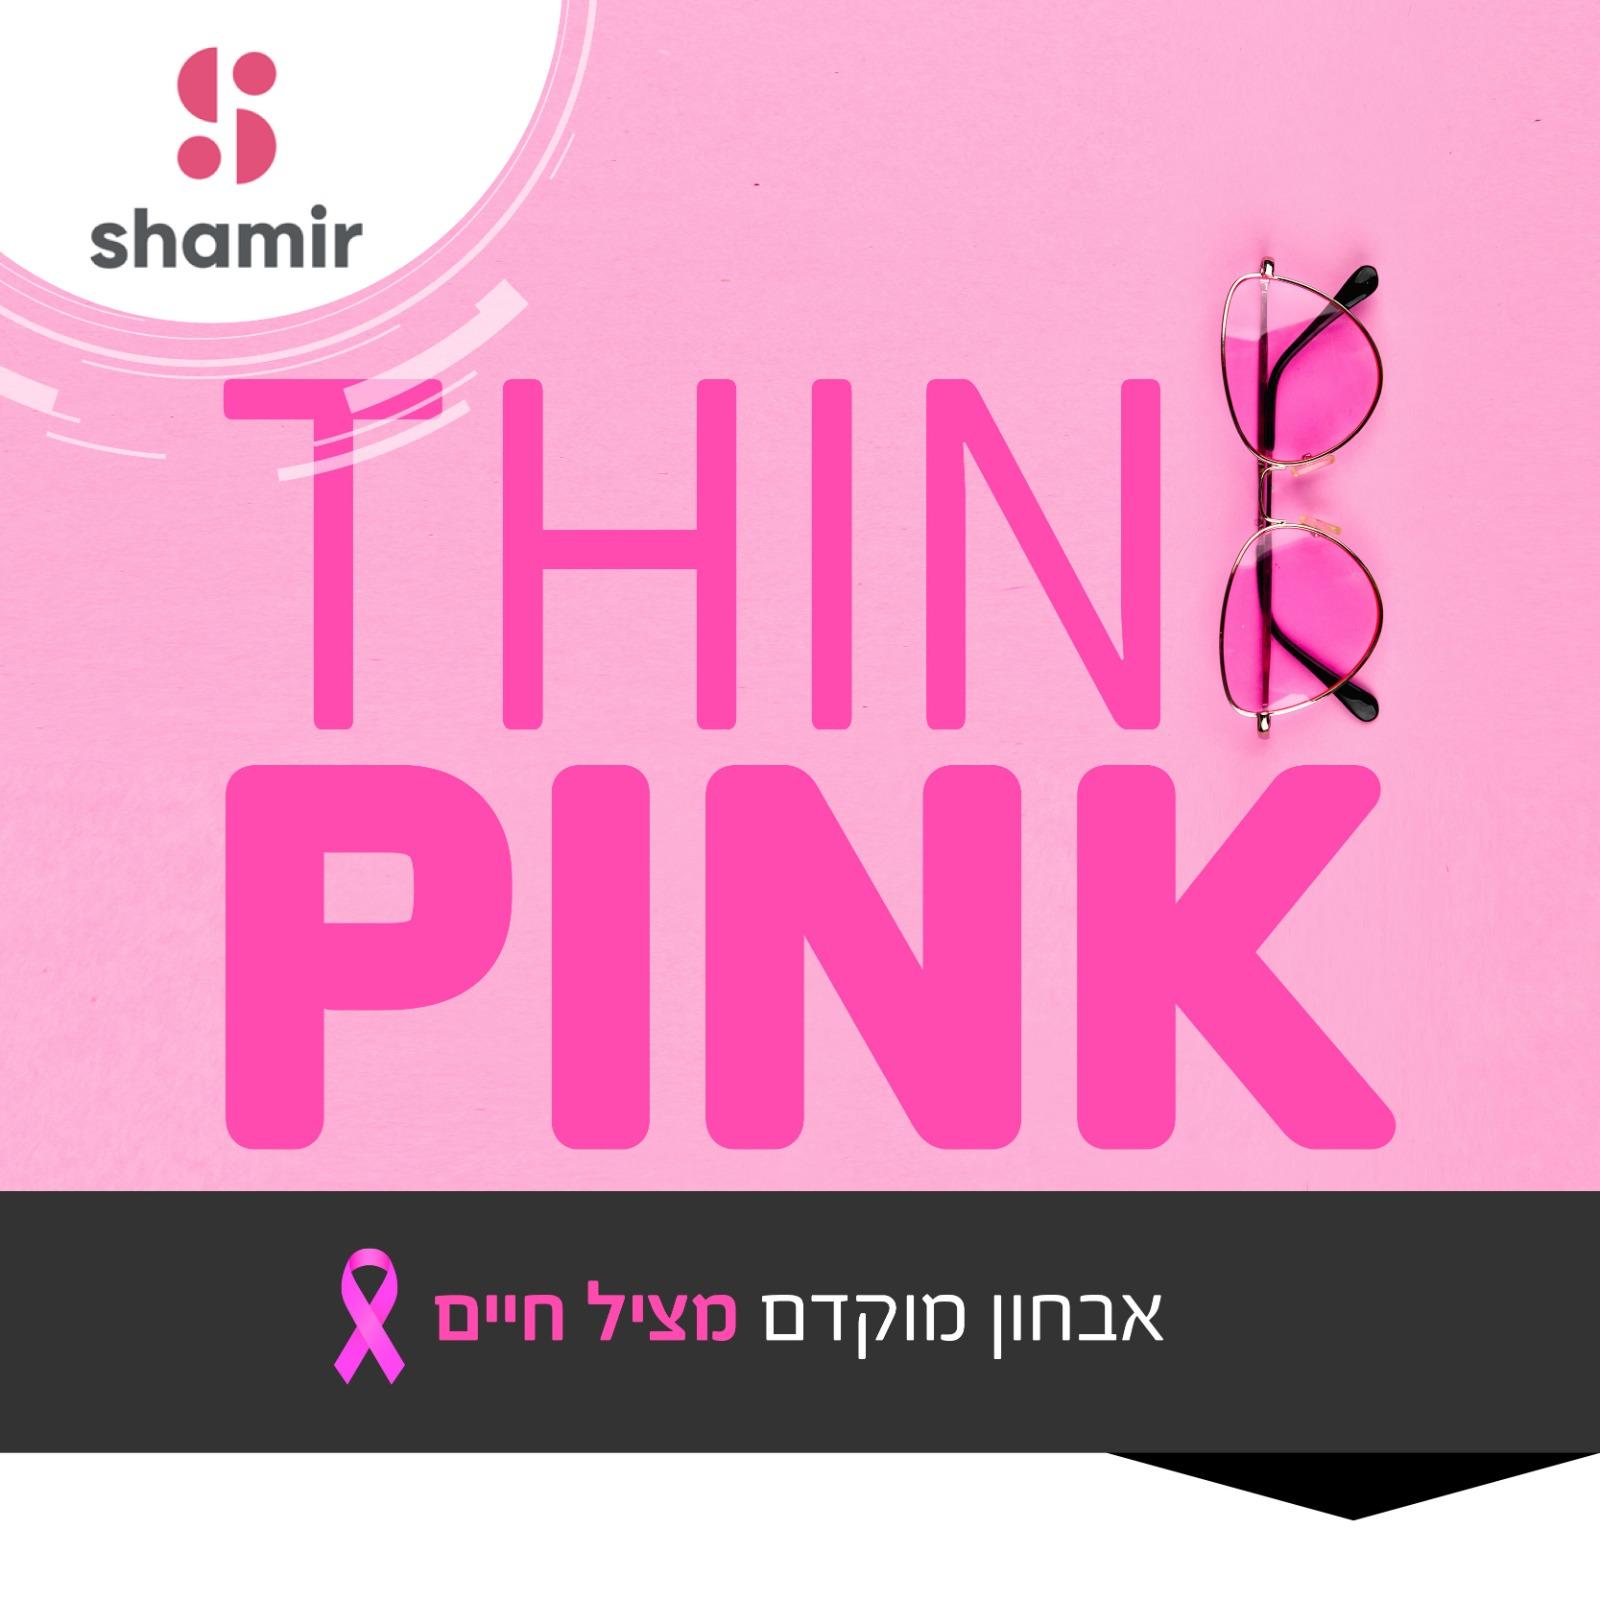 שמיר אופטיקה משיקה מהדורה מוגבלת של עדשות וורודות לרגל חודש העלאת המודעות לגילוי מוקדם של סרטן השד